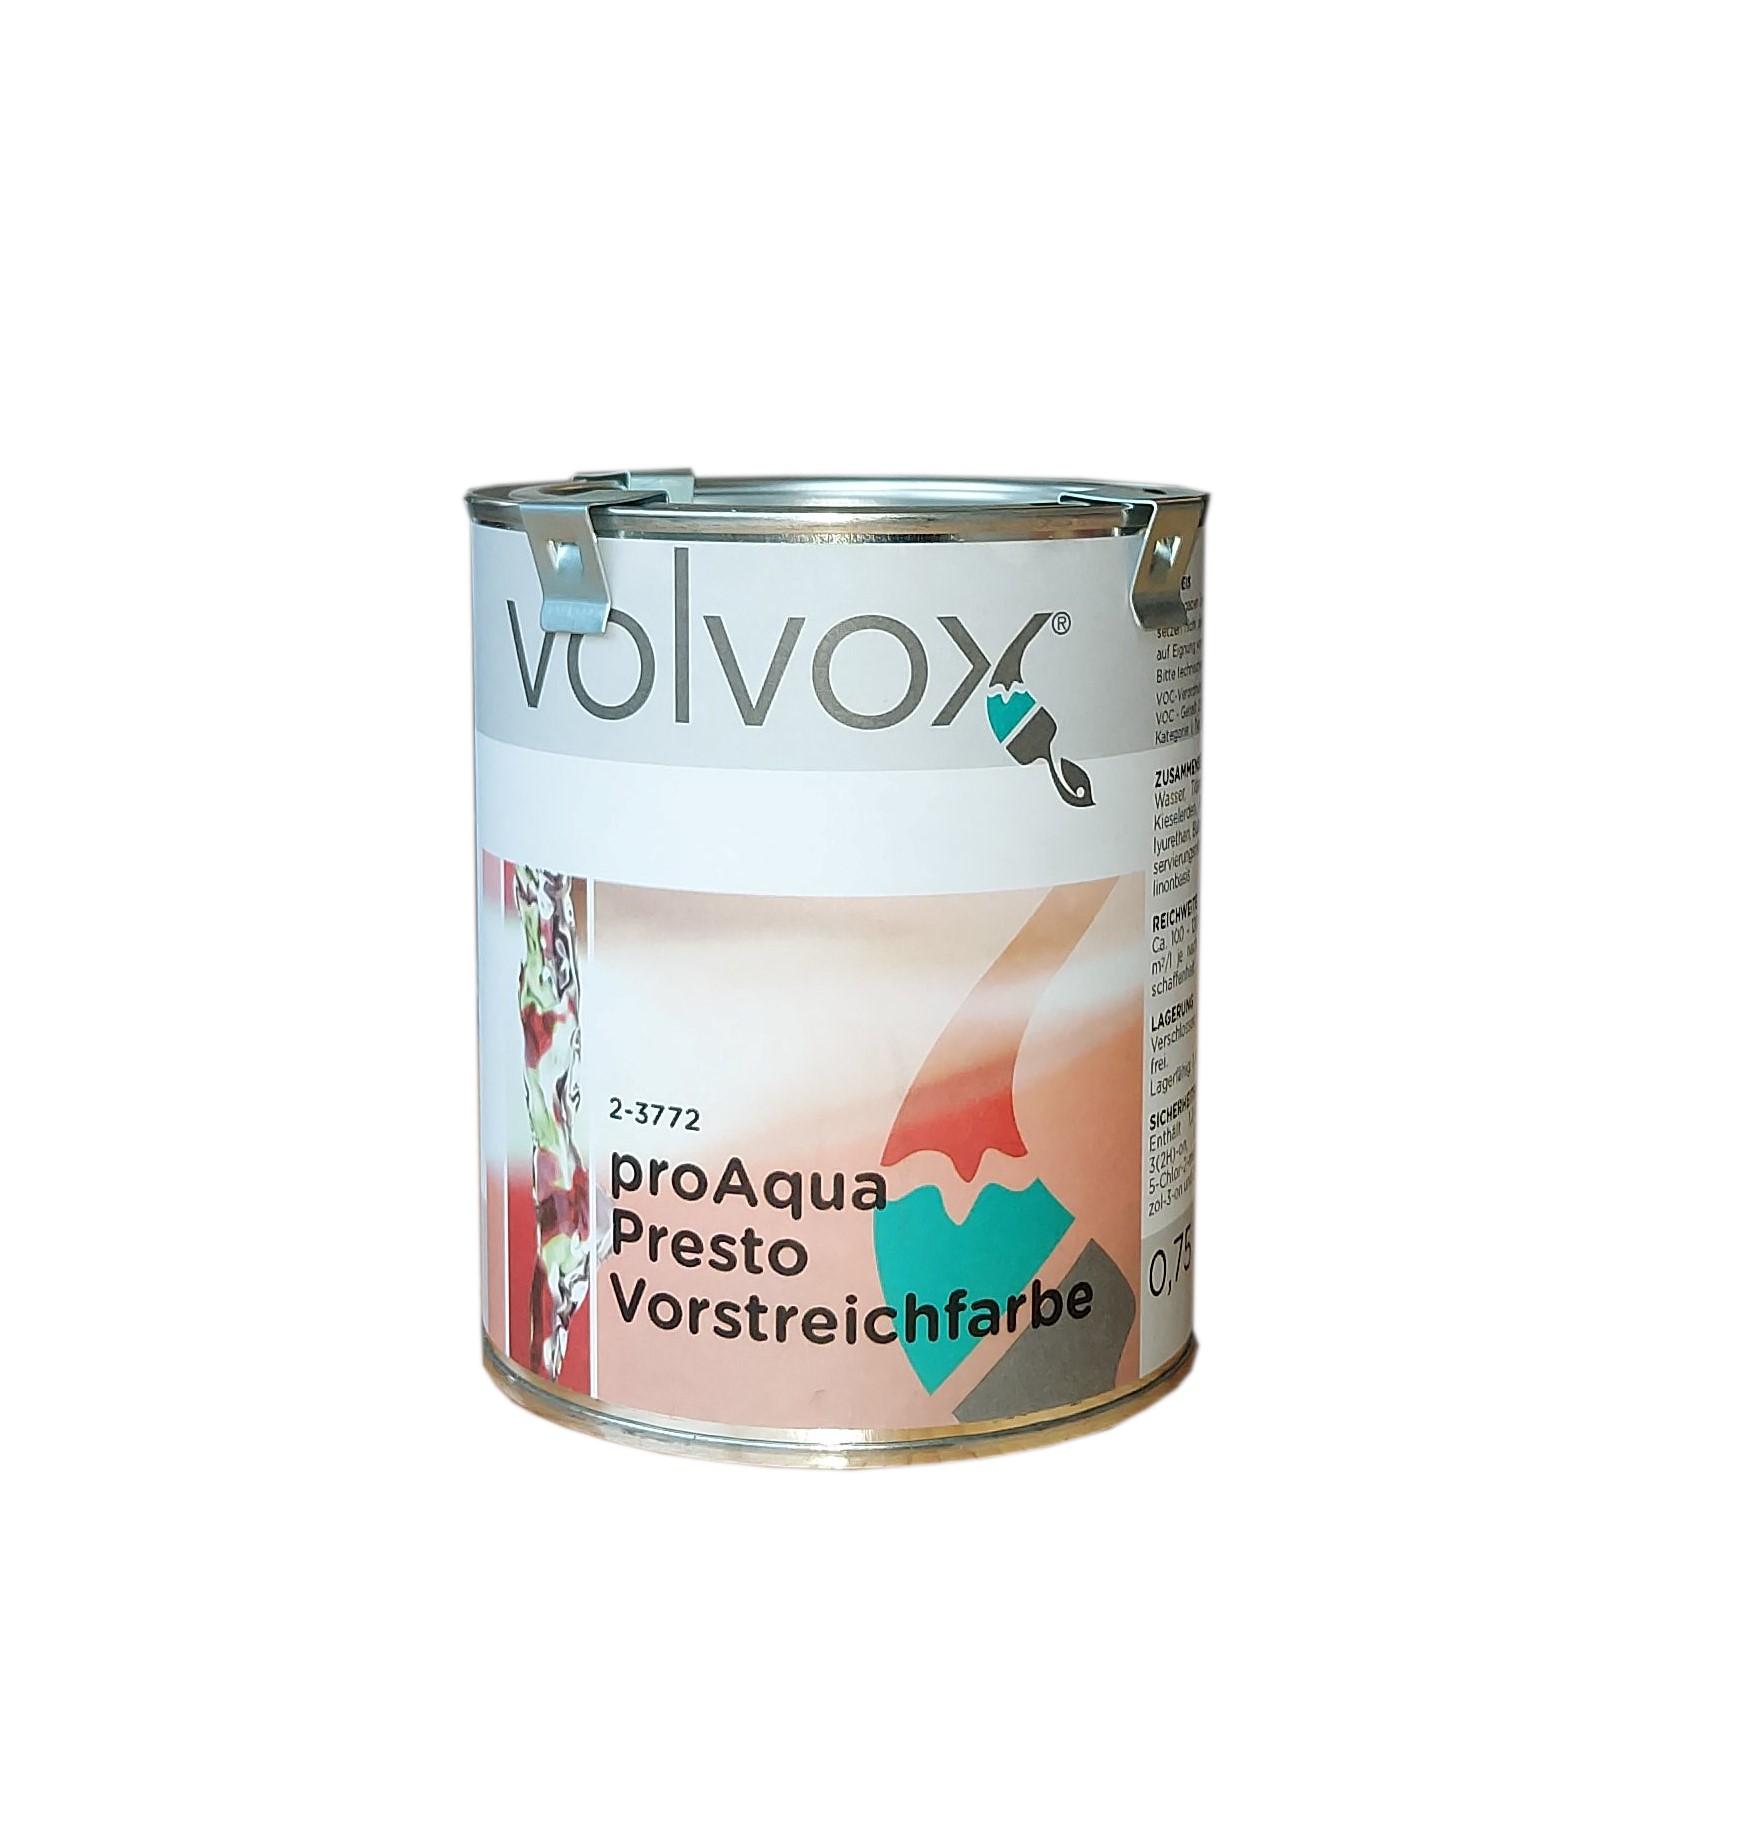 Volvox proAqua Presto Vorstreichfarbe